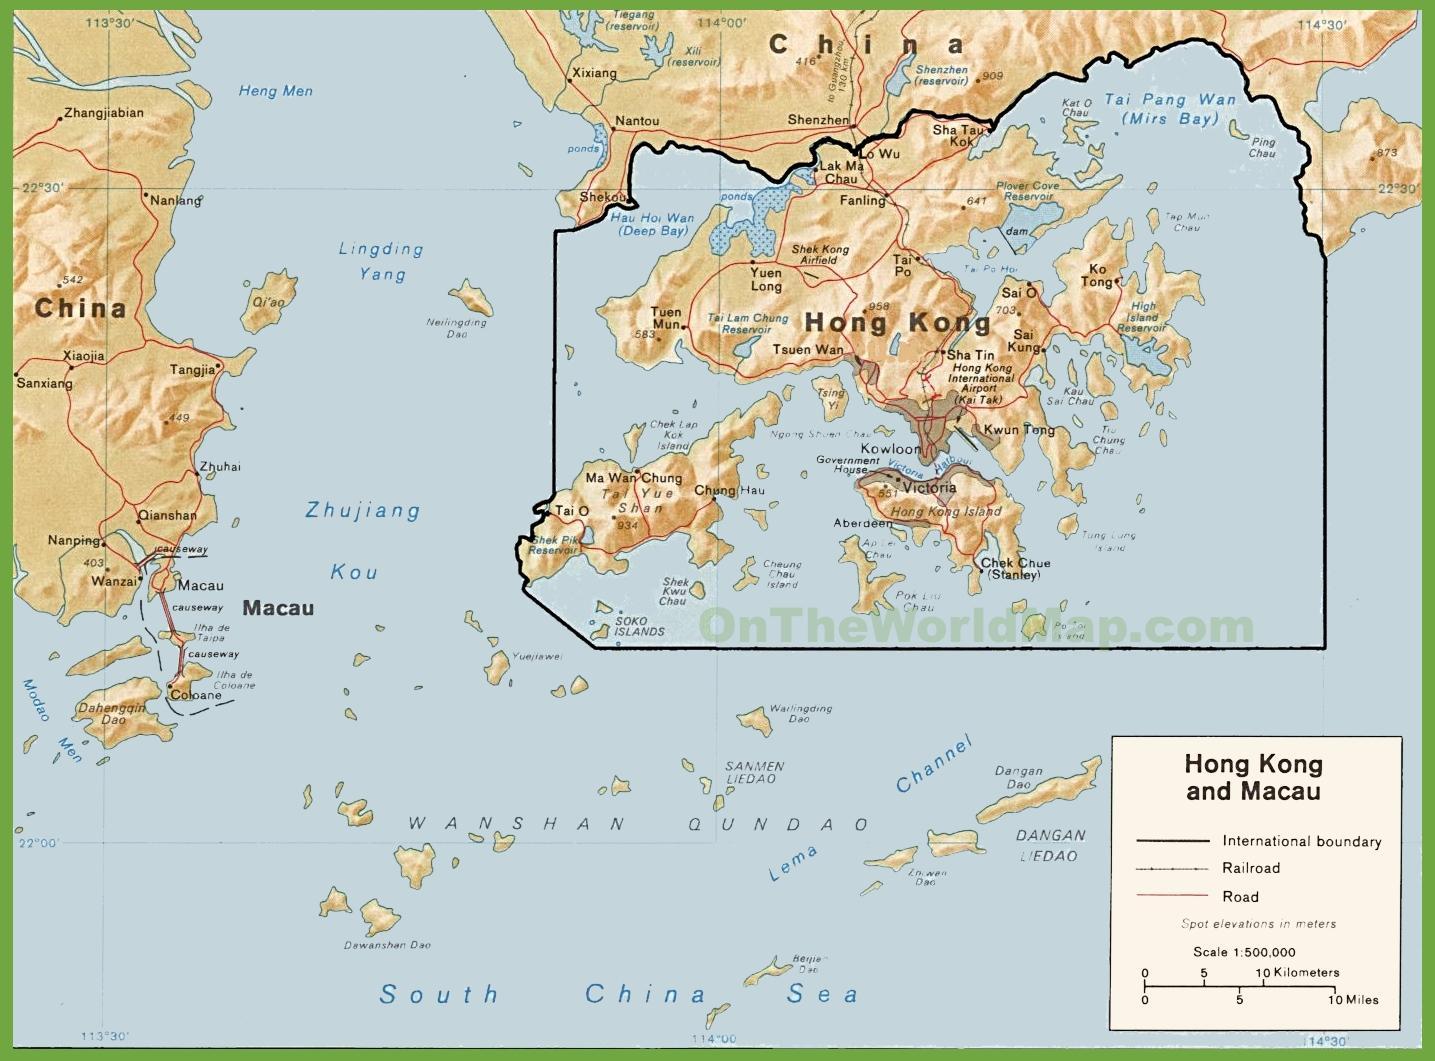 Cartina Hong Kong.Hong Kong Politik Peta Peta Politik Hong Kong China